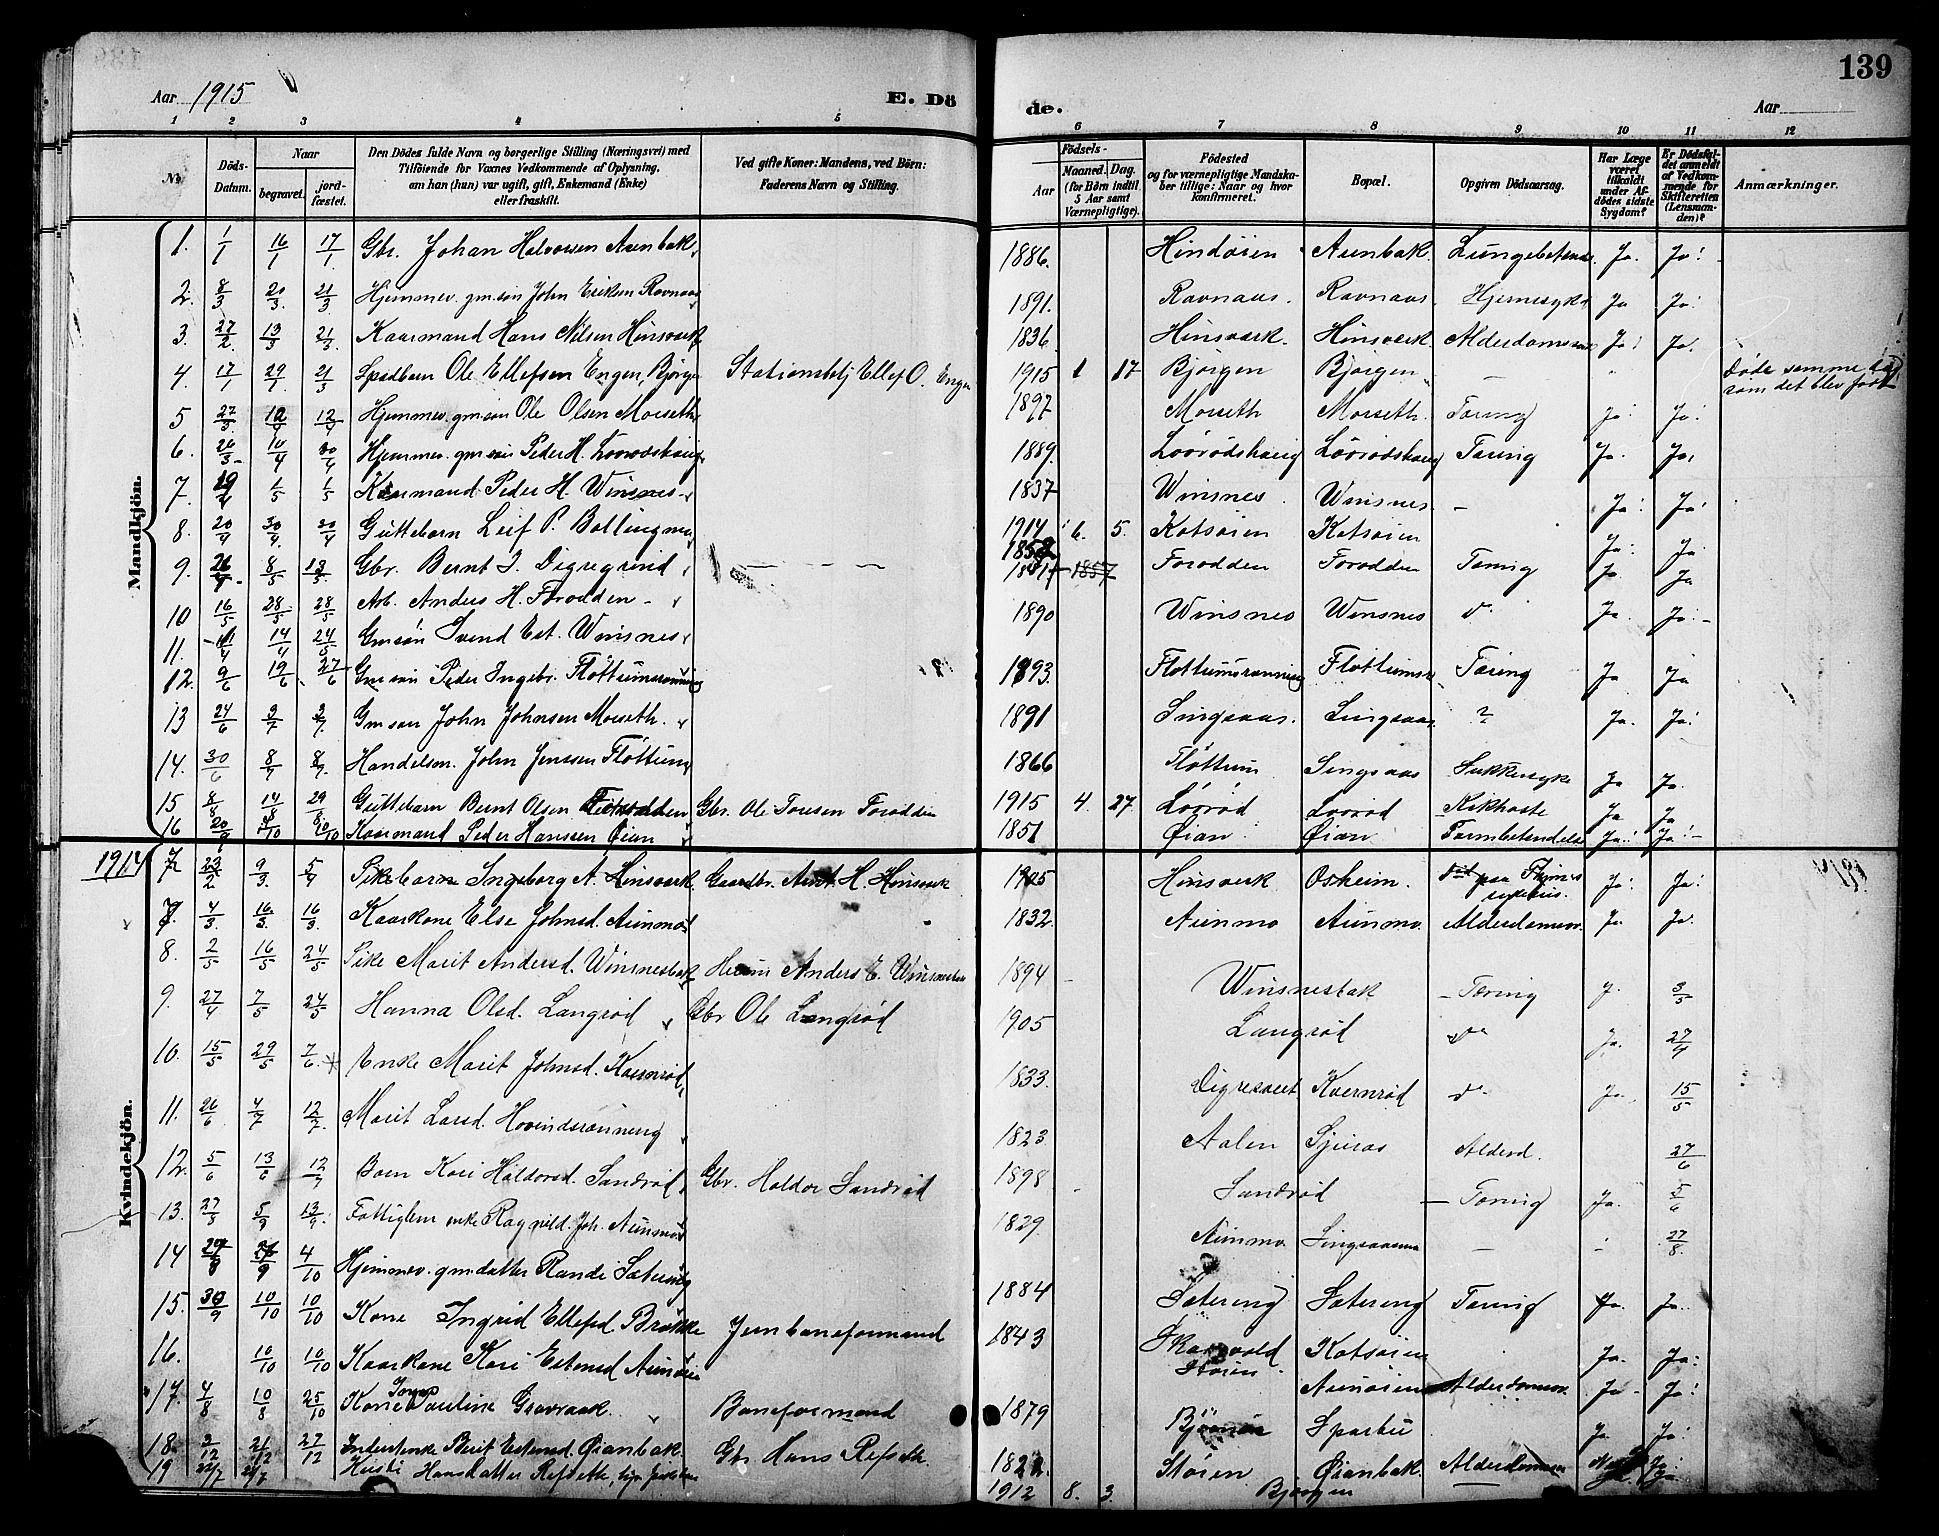 SAT, Ministerialprotokoller, klokkerbøker og fødselsregistre - Sør-Trøndelag, 688/L1029: Klokkerbok nr. 688C04, 1899-1915, s. 139